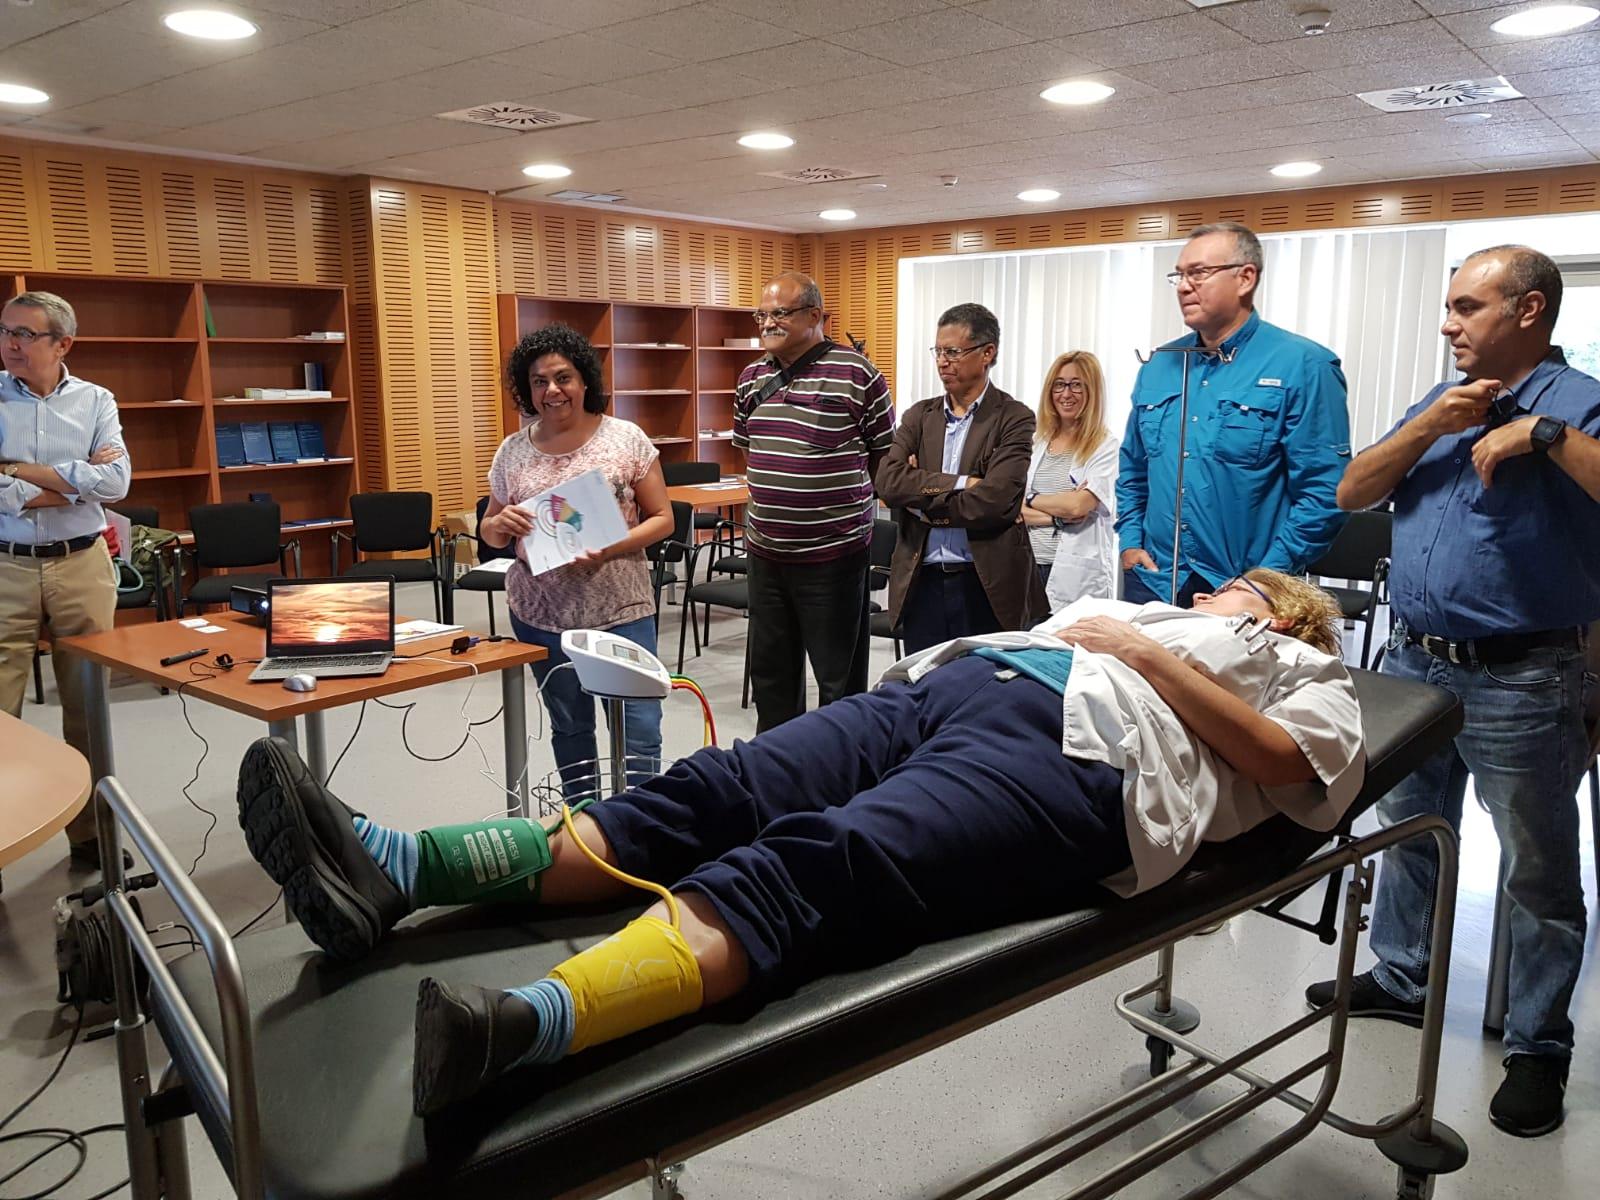 Sesión formativa en el Hospital.